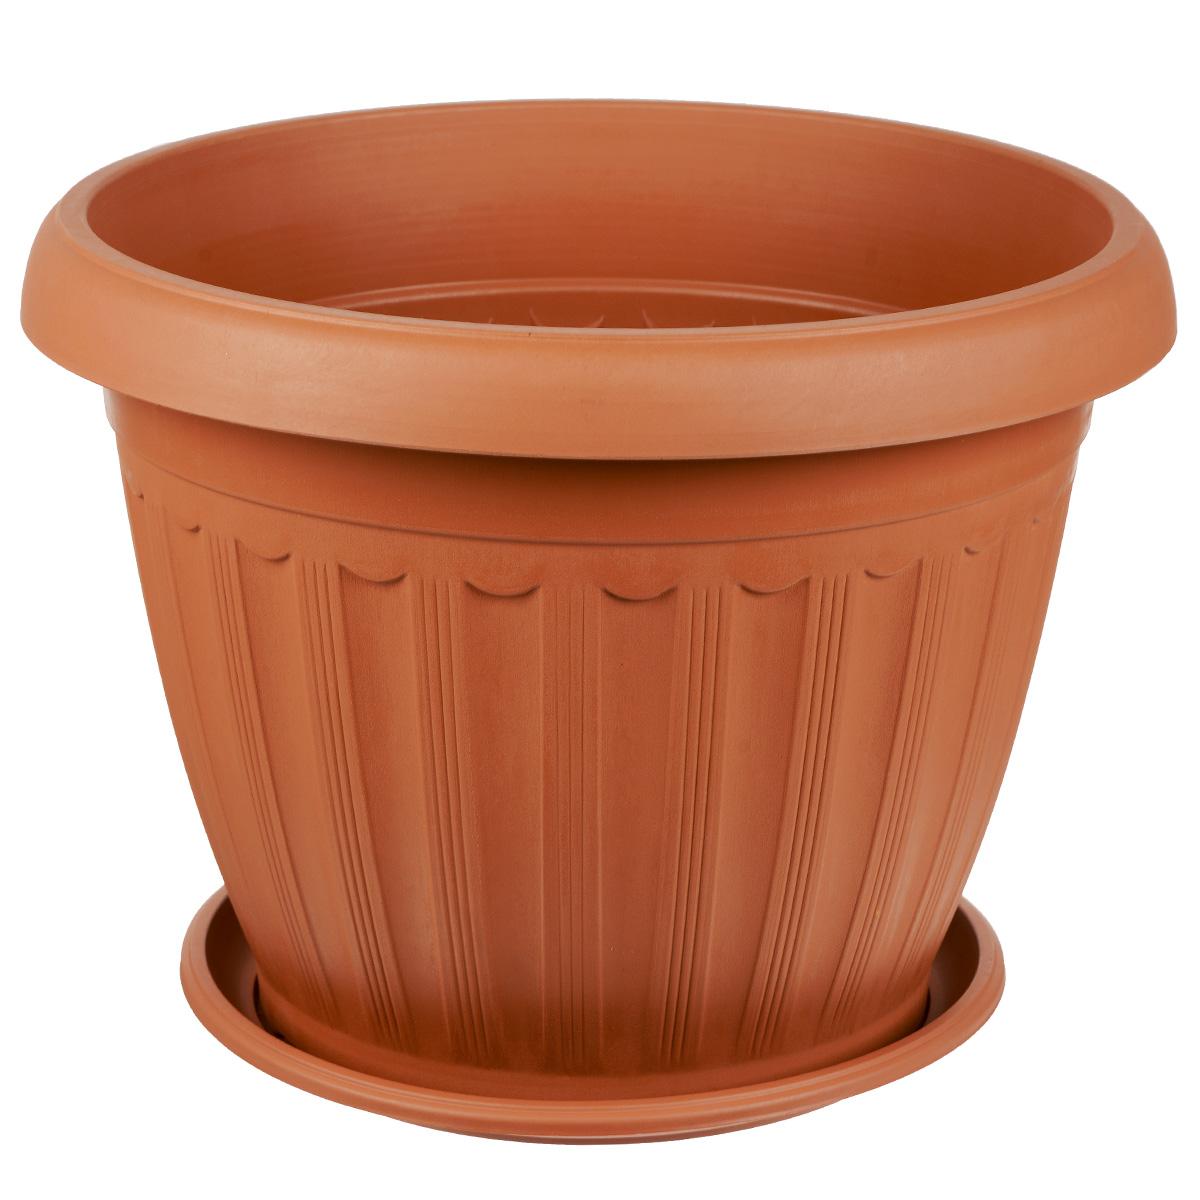 Кашпо Greenell Церера, с поддоном, цвет: терракотовый, 15 лХТ2009Кашпо Greenell Церера изготовлено из высококачественного пластика. Специальный поддон предназначен для стока воды. Изделие прекрасно подходит для выращивания растений и цветов в домашних условиях. Лаконичный дизайн впишется в интерьер любого помещения. Объем: 15 л.Диаметр поддона: 26,5 см.